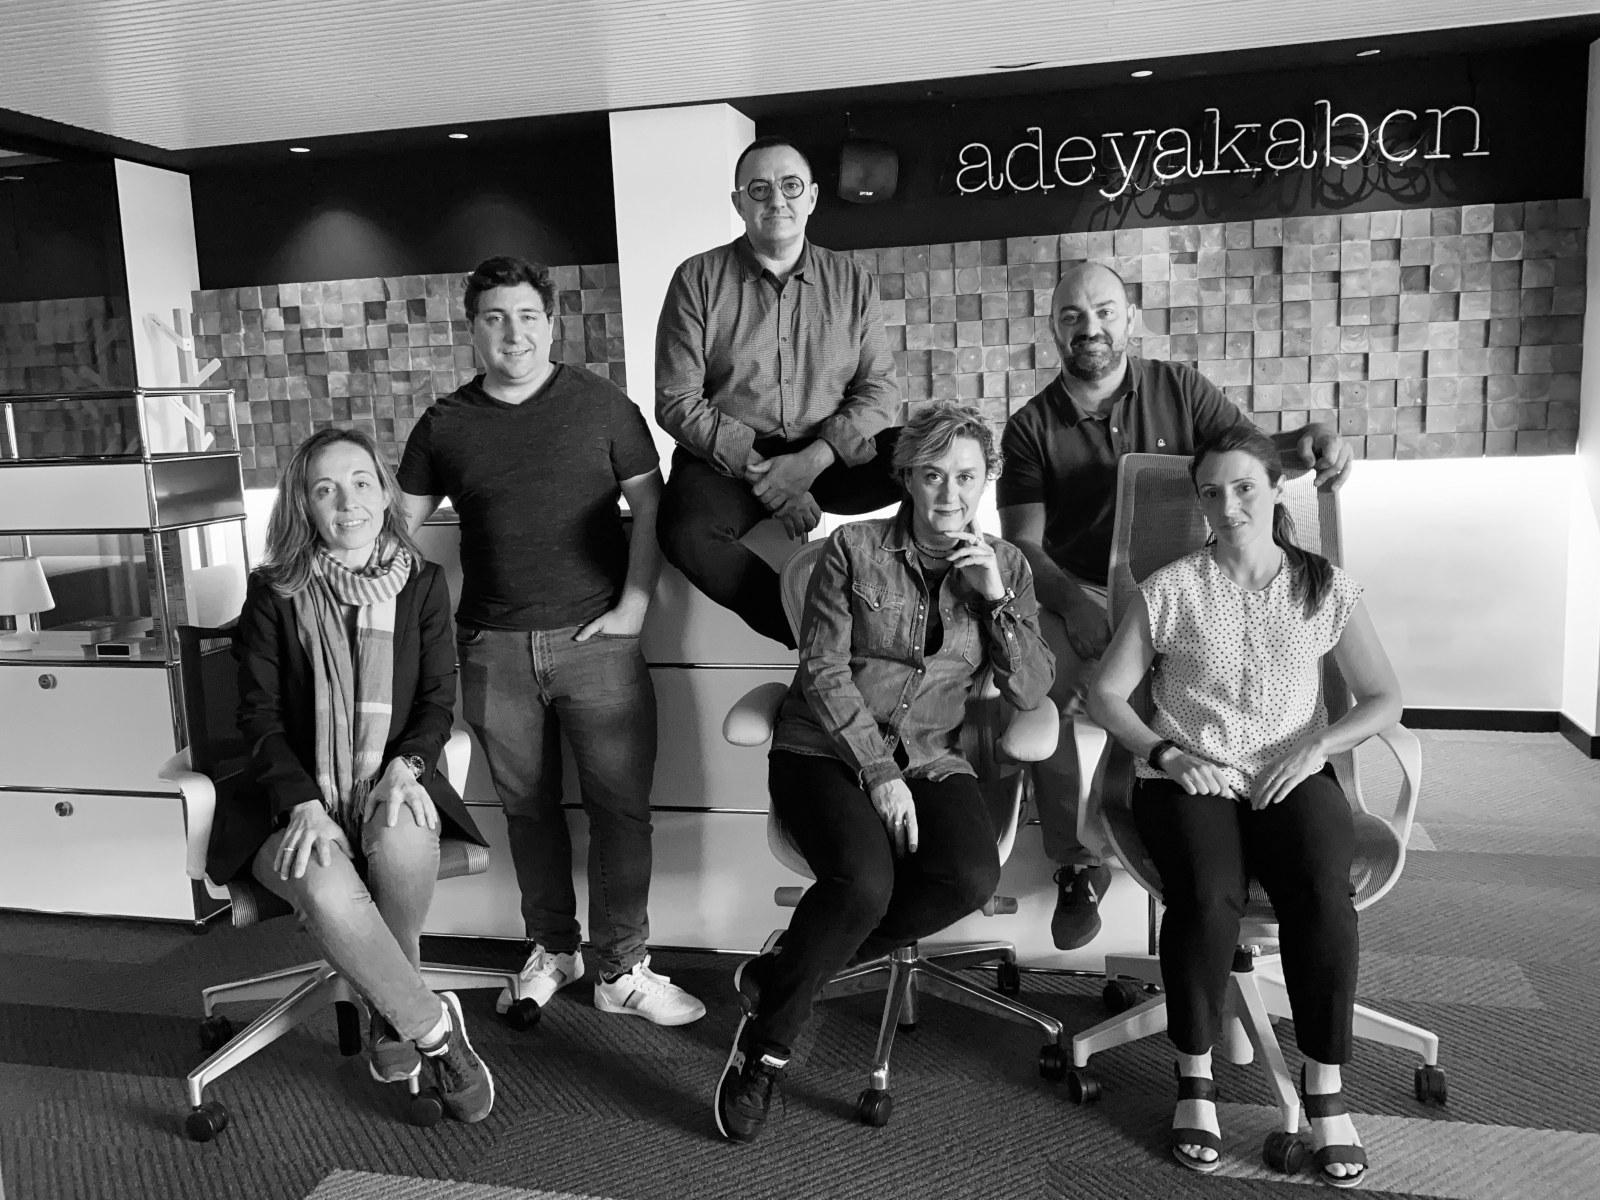 equipo adeyakabcn